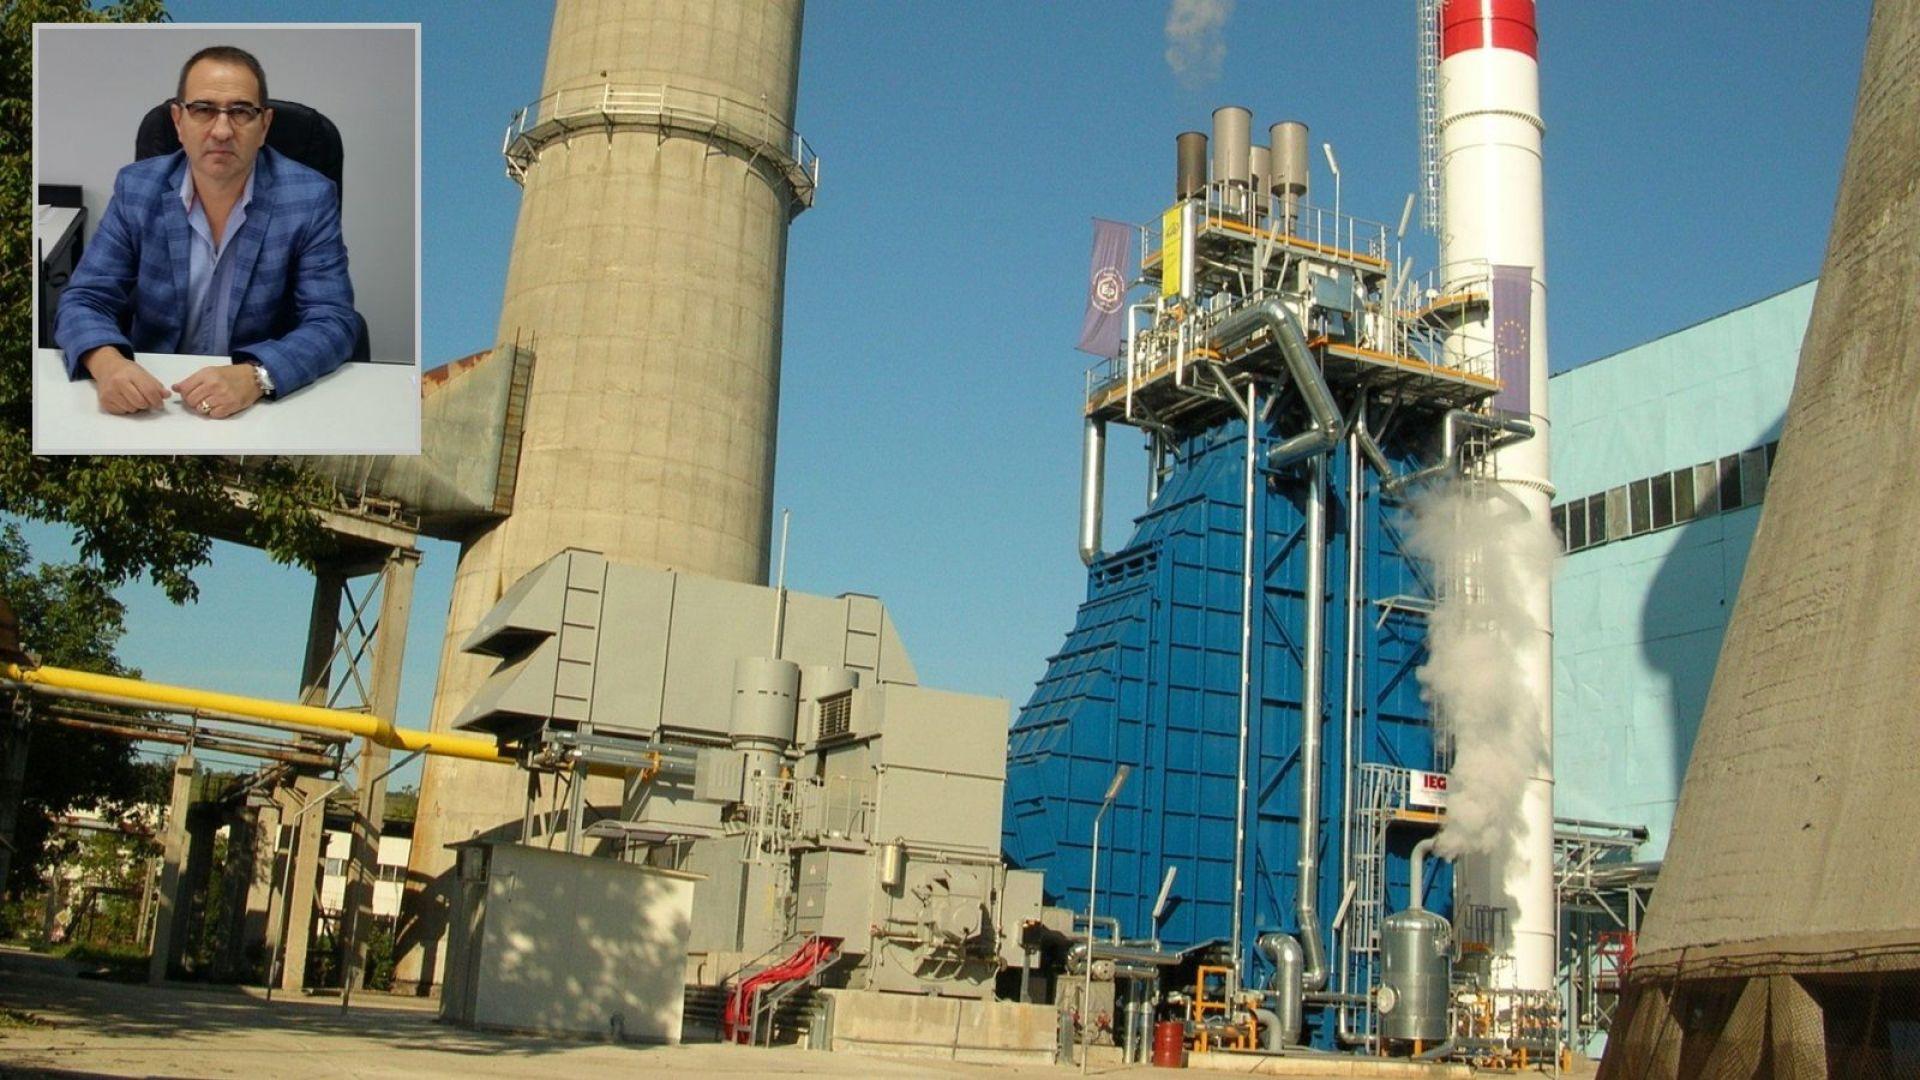 Инж. Йордан Василев пред Dir.bg: Природният газ е алтернатива на по-замърсяващите горива